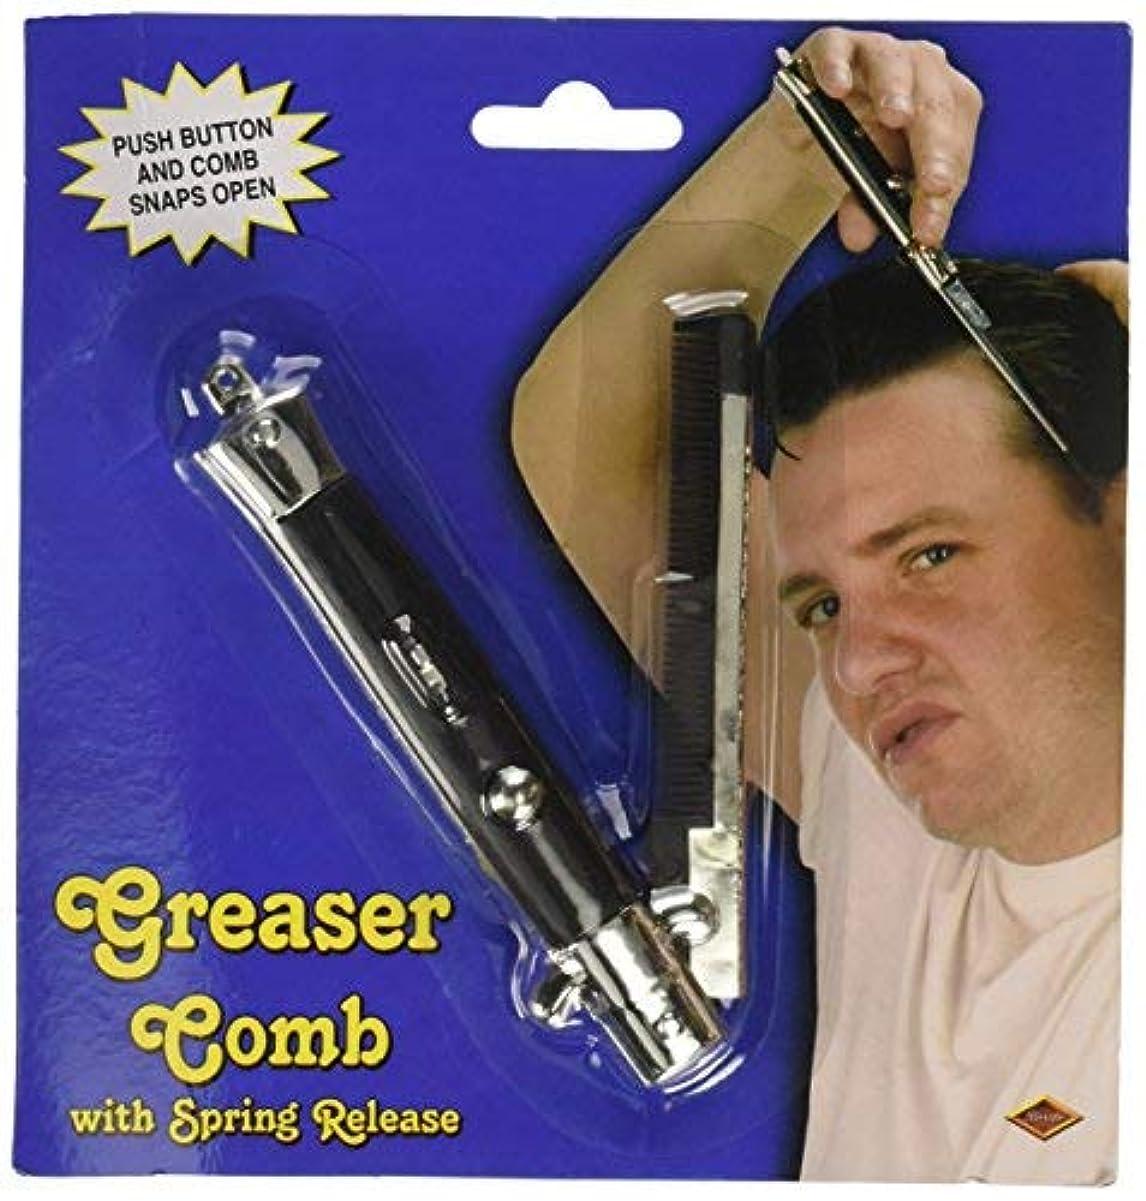 名前で涙が出る交流するGreaser Comb Party Accessory (1 count) (1/Pkg) [並行輸入品]